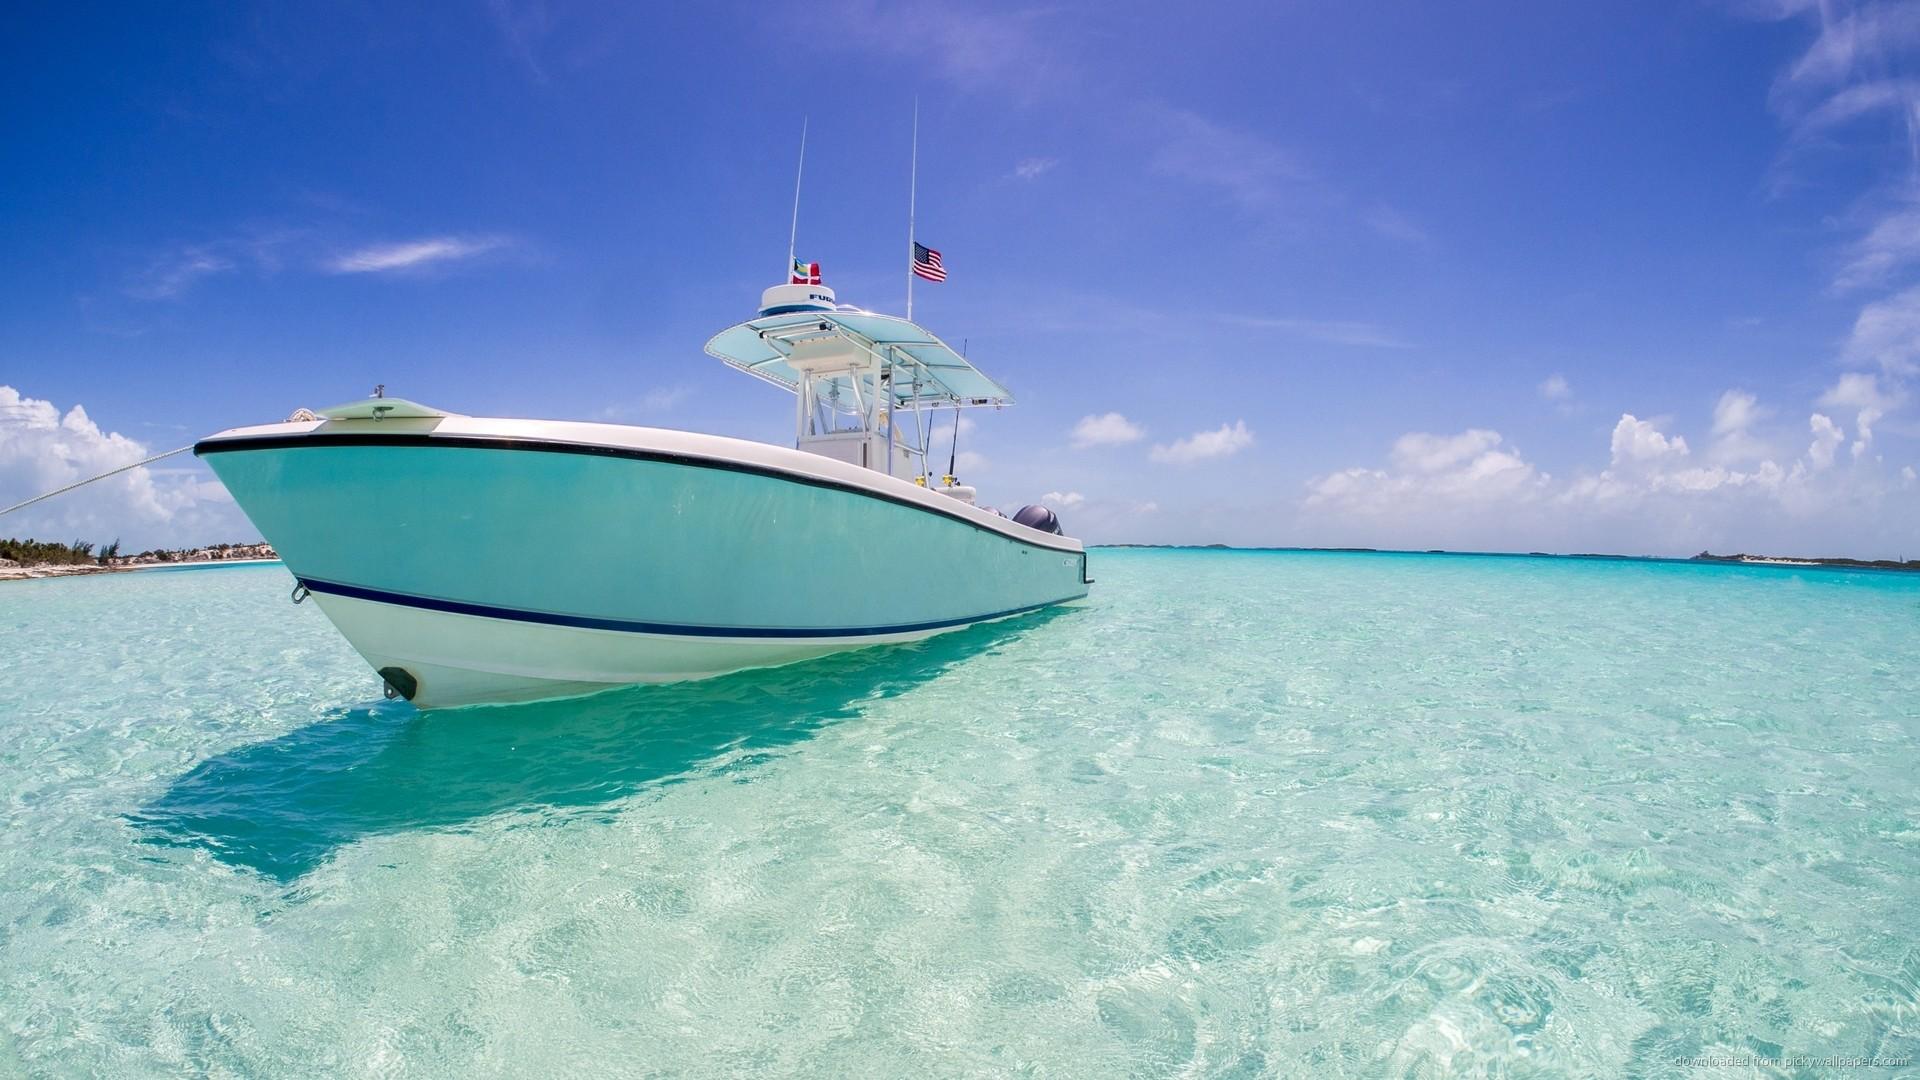 HD Yacht In Caribbean Sea wallpaper